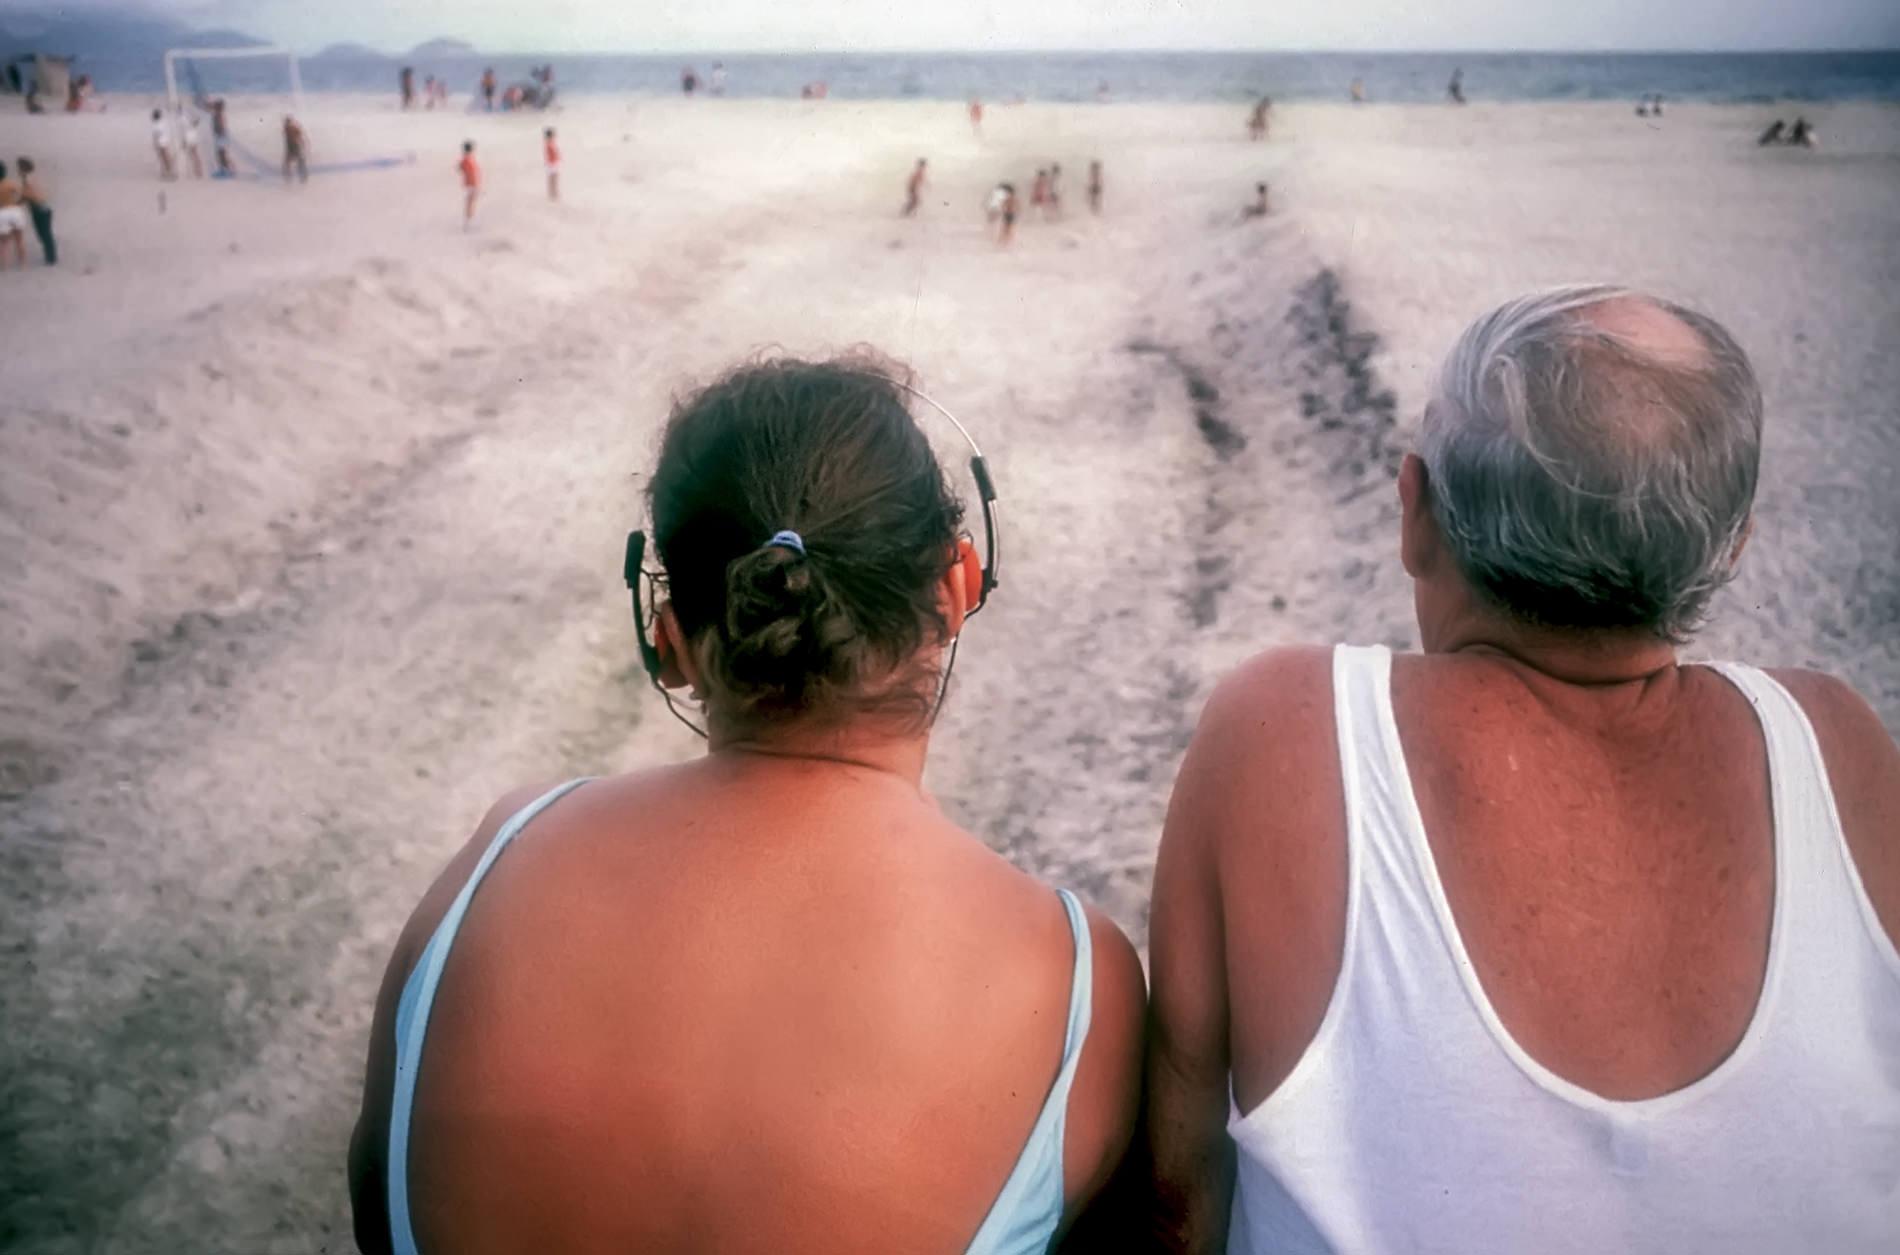 Felvégi Andrea: Rio, 1983 © Felvégi Andrea